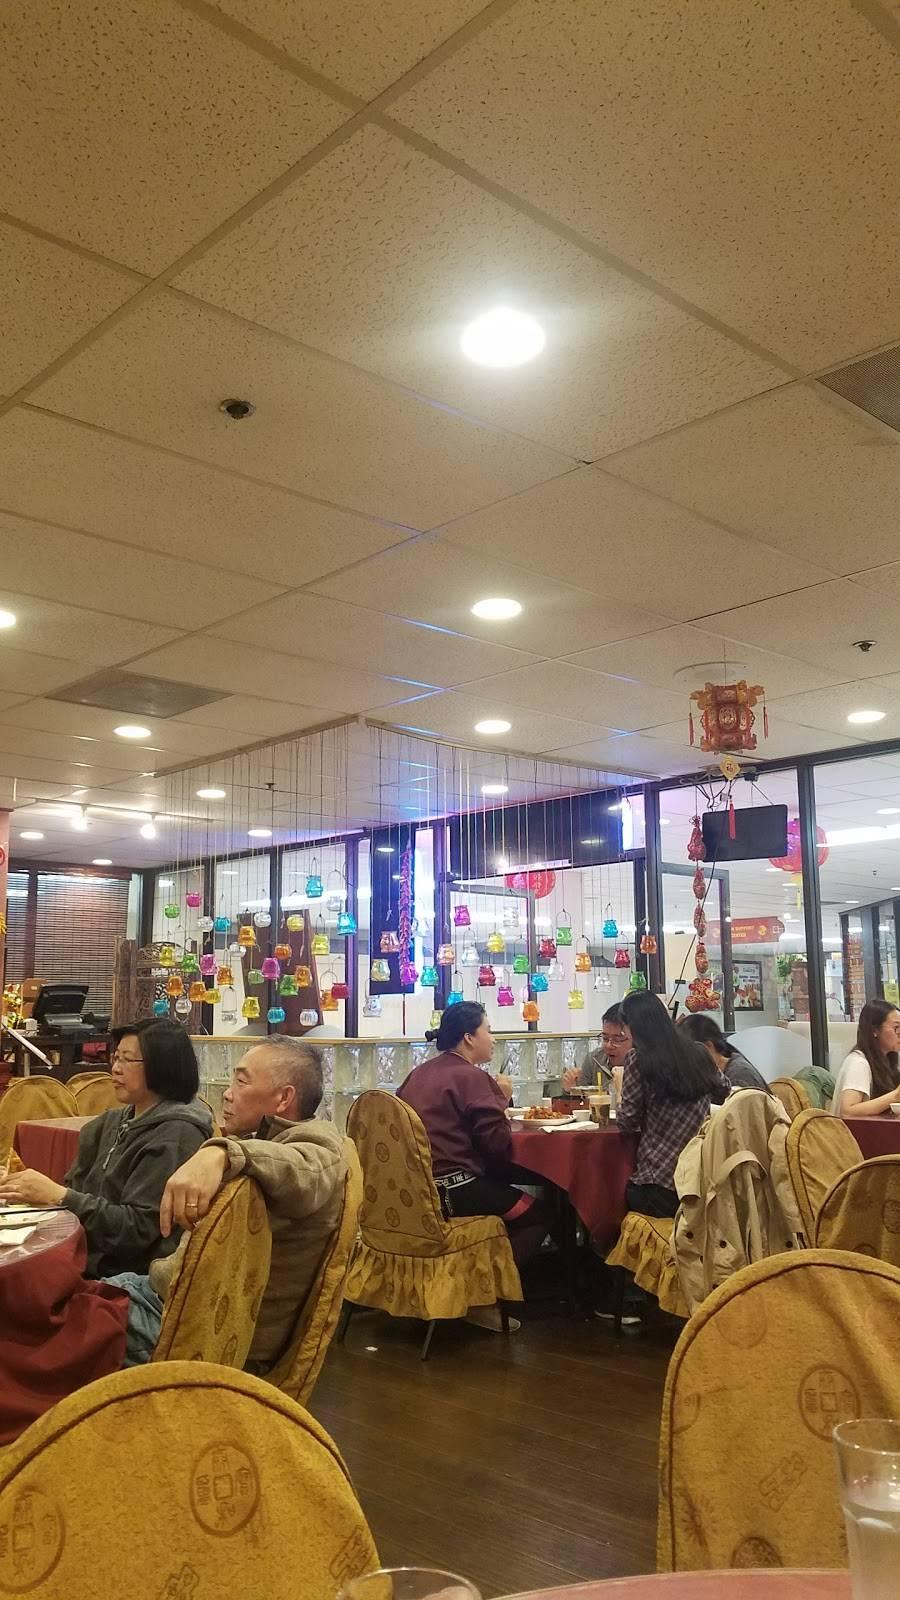 Sichuan Fusion | restaurant | 3288 Pierce St, Richmond, CA 94804, USA | 5105268897 OR +1 510-526-8897